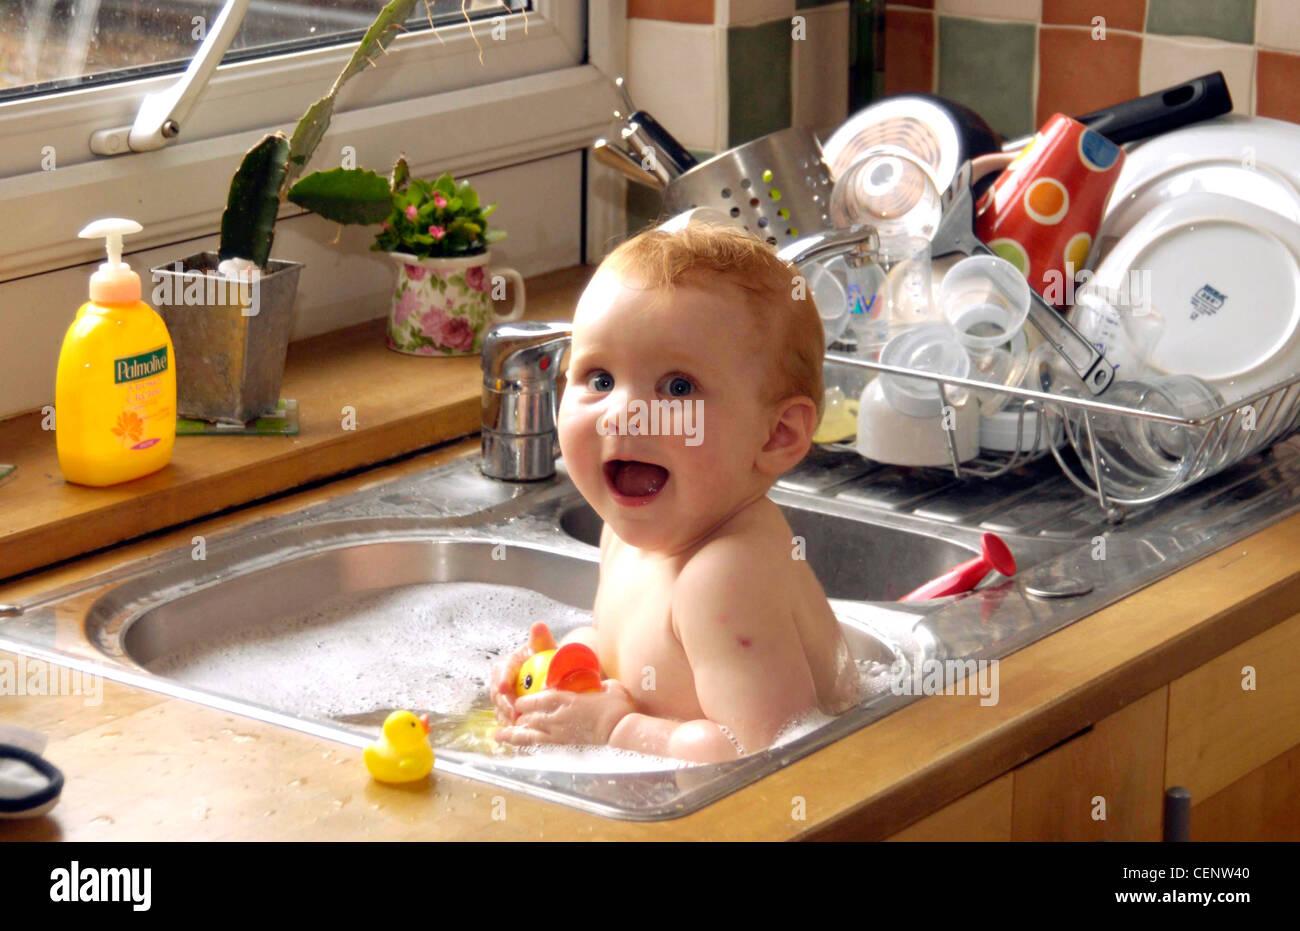 Kitchen Sink Espanol